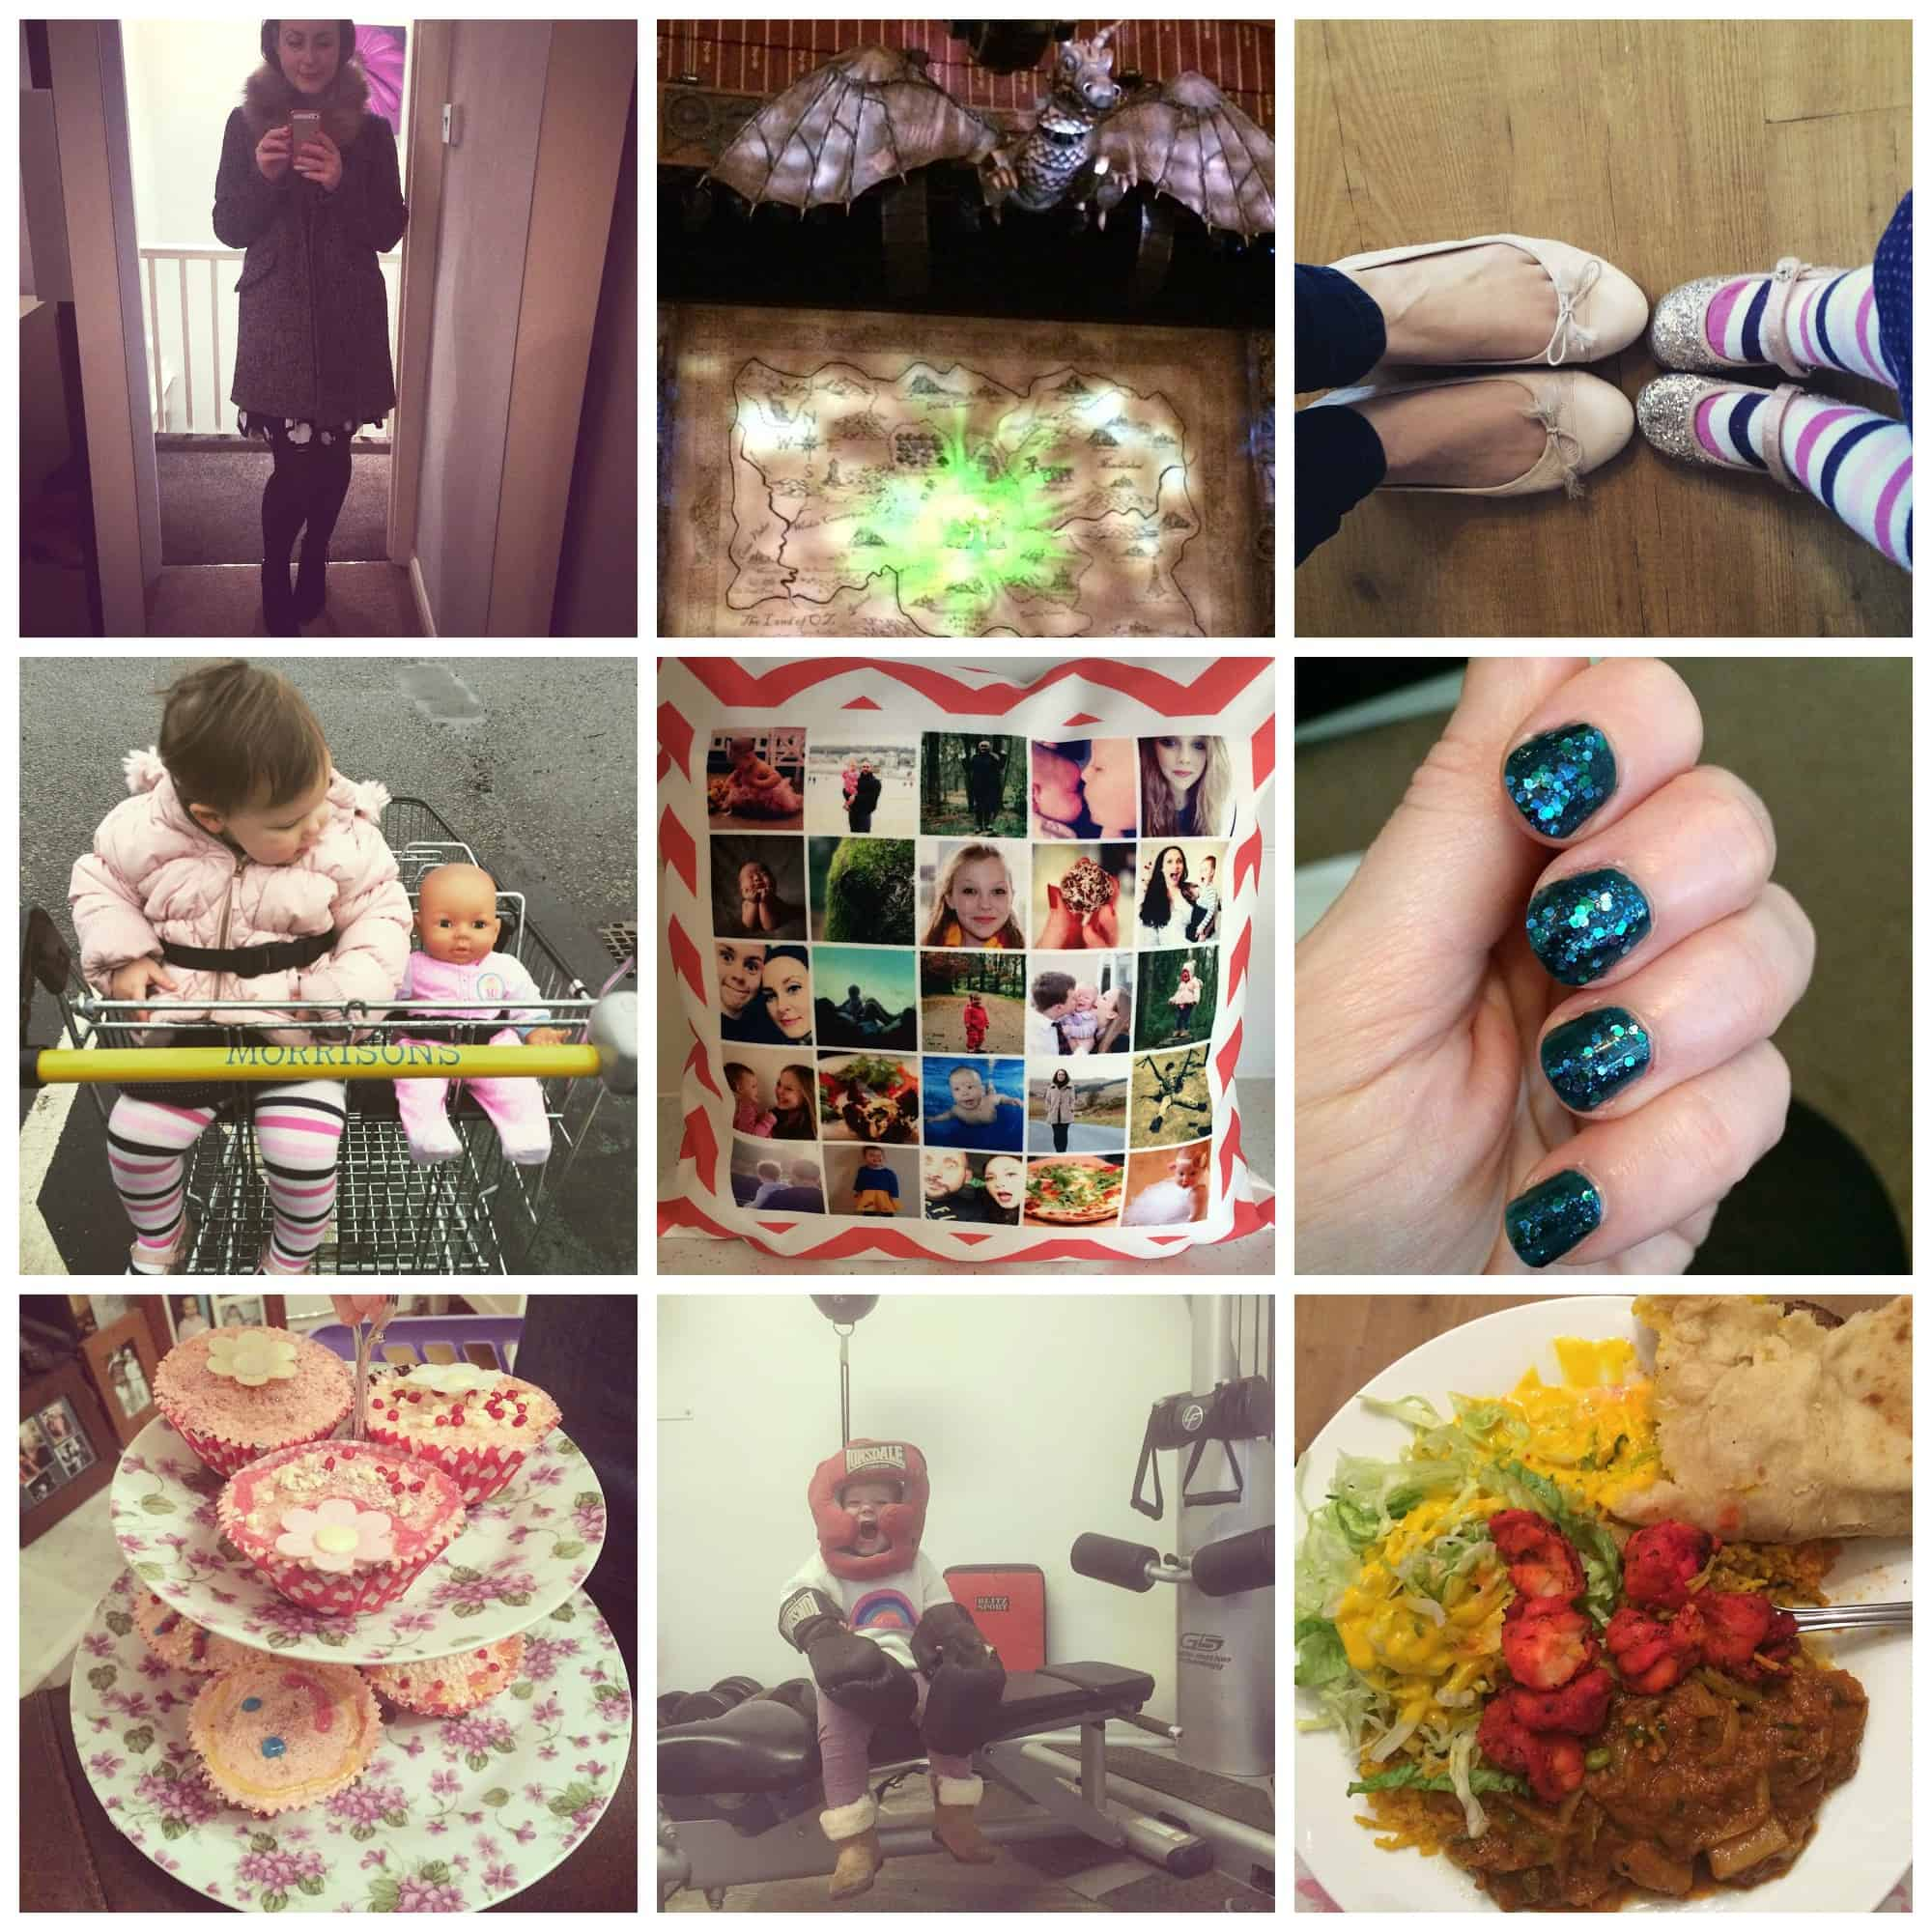 Instagram 2 march